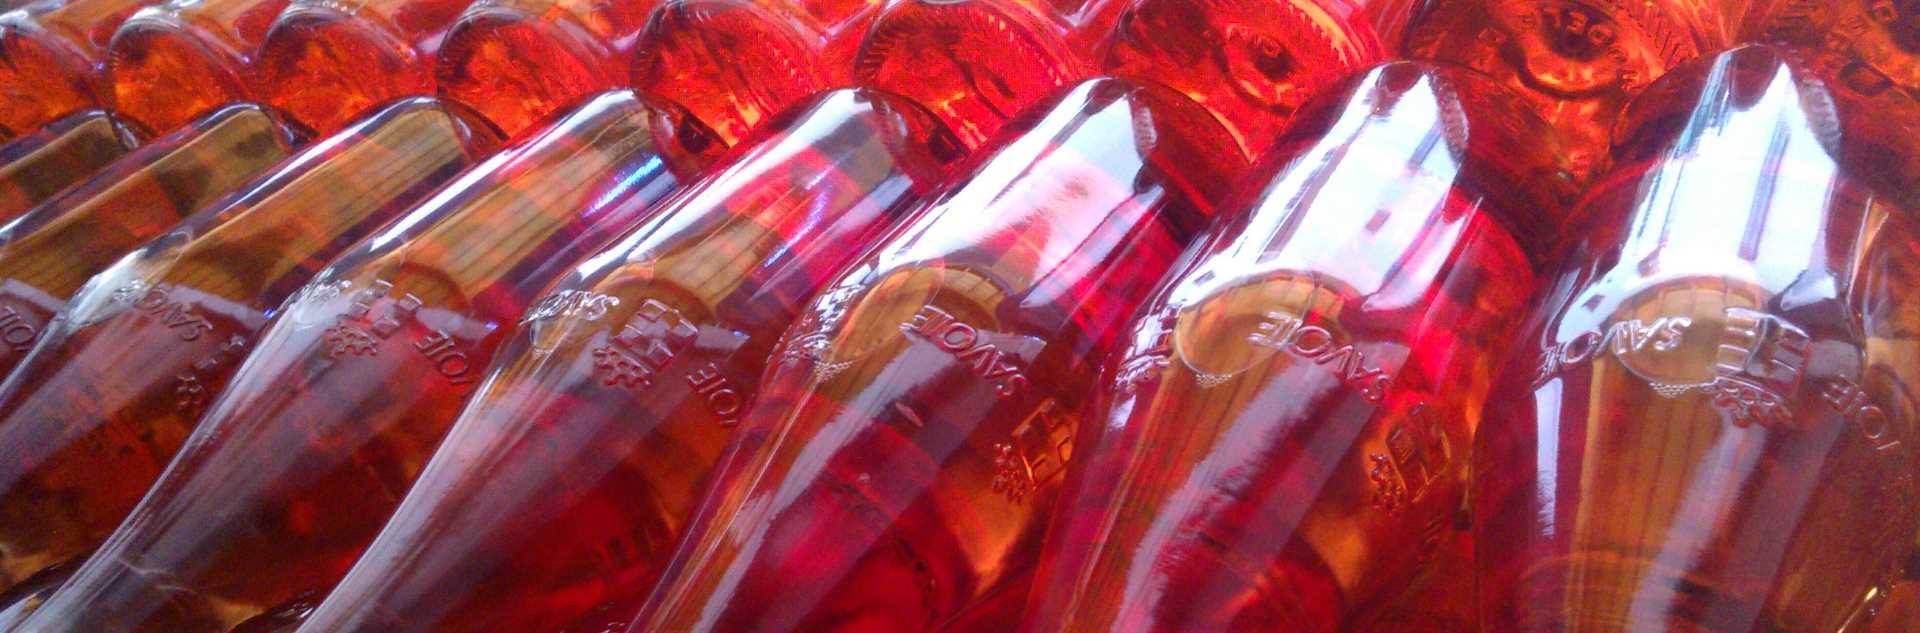 Bouteilles Vins de Savoie rosés